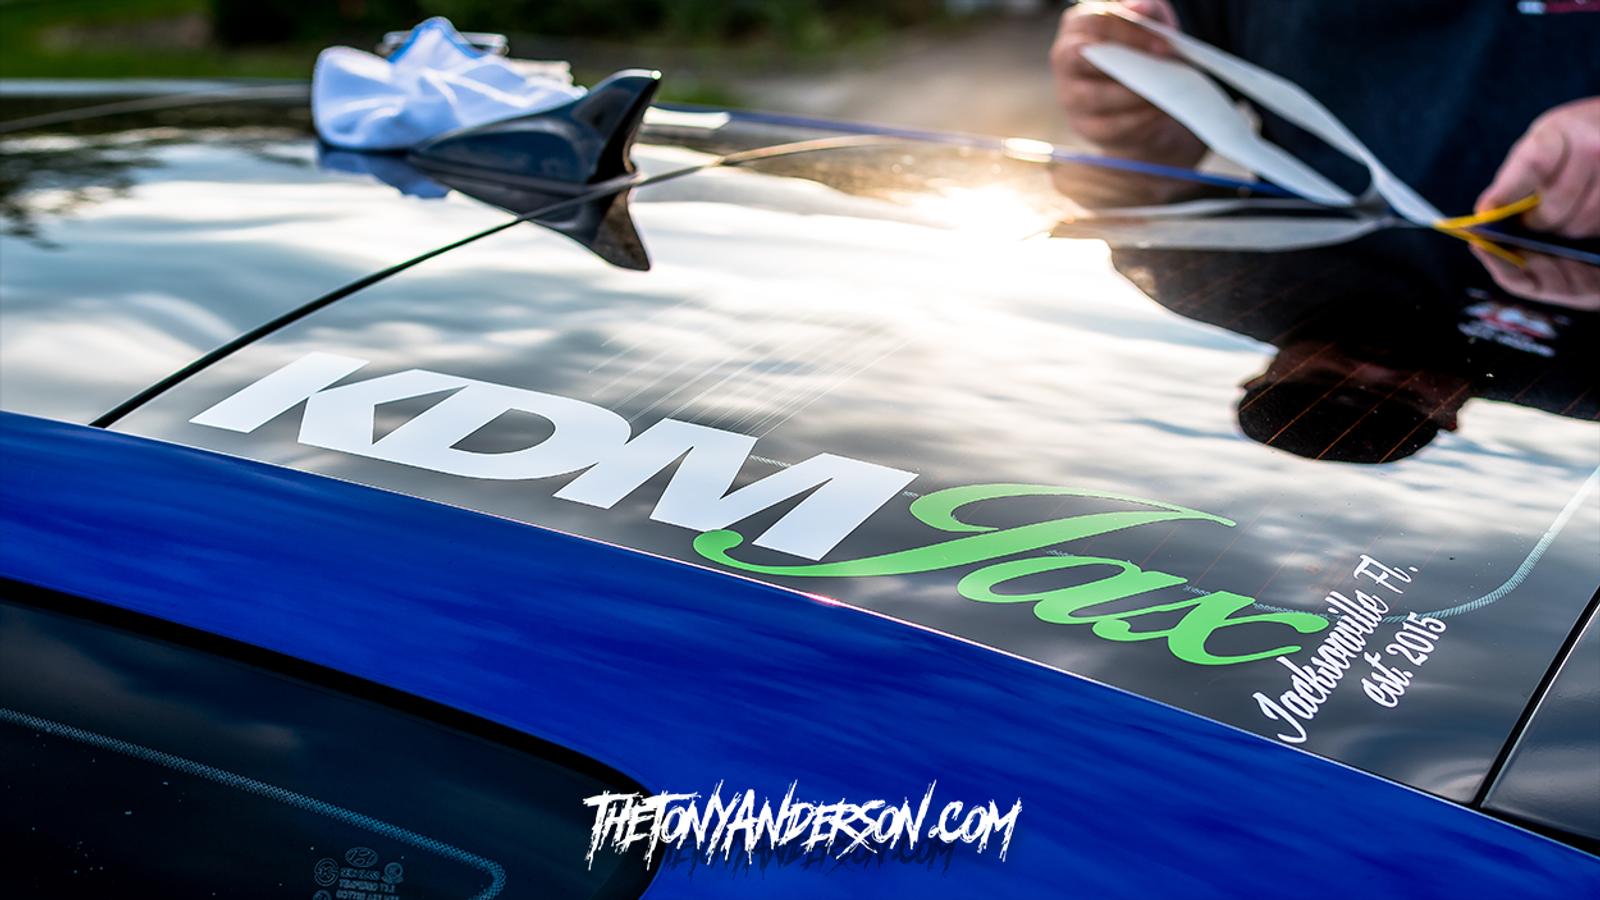 KDM Jax Side Window Banner